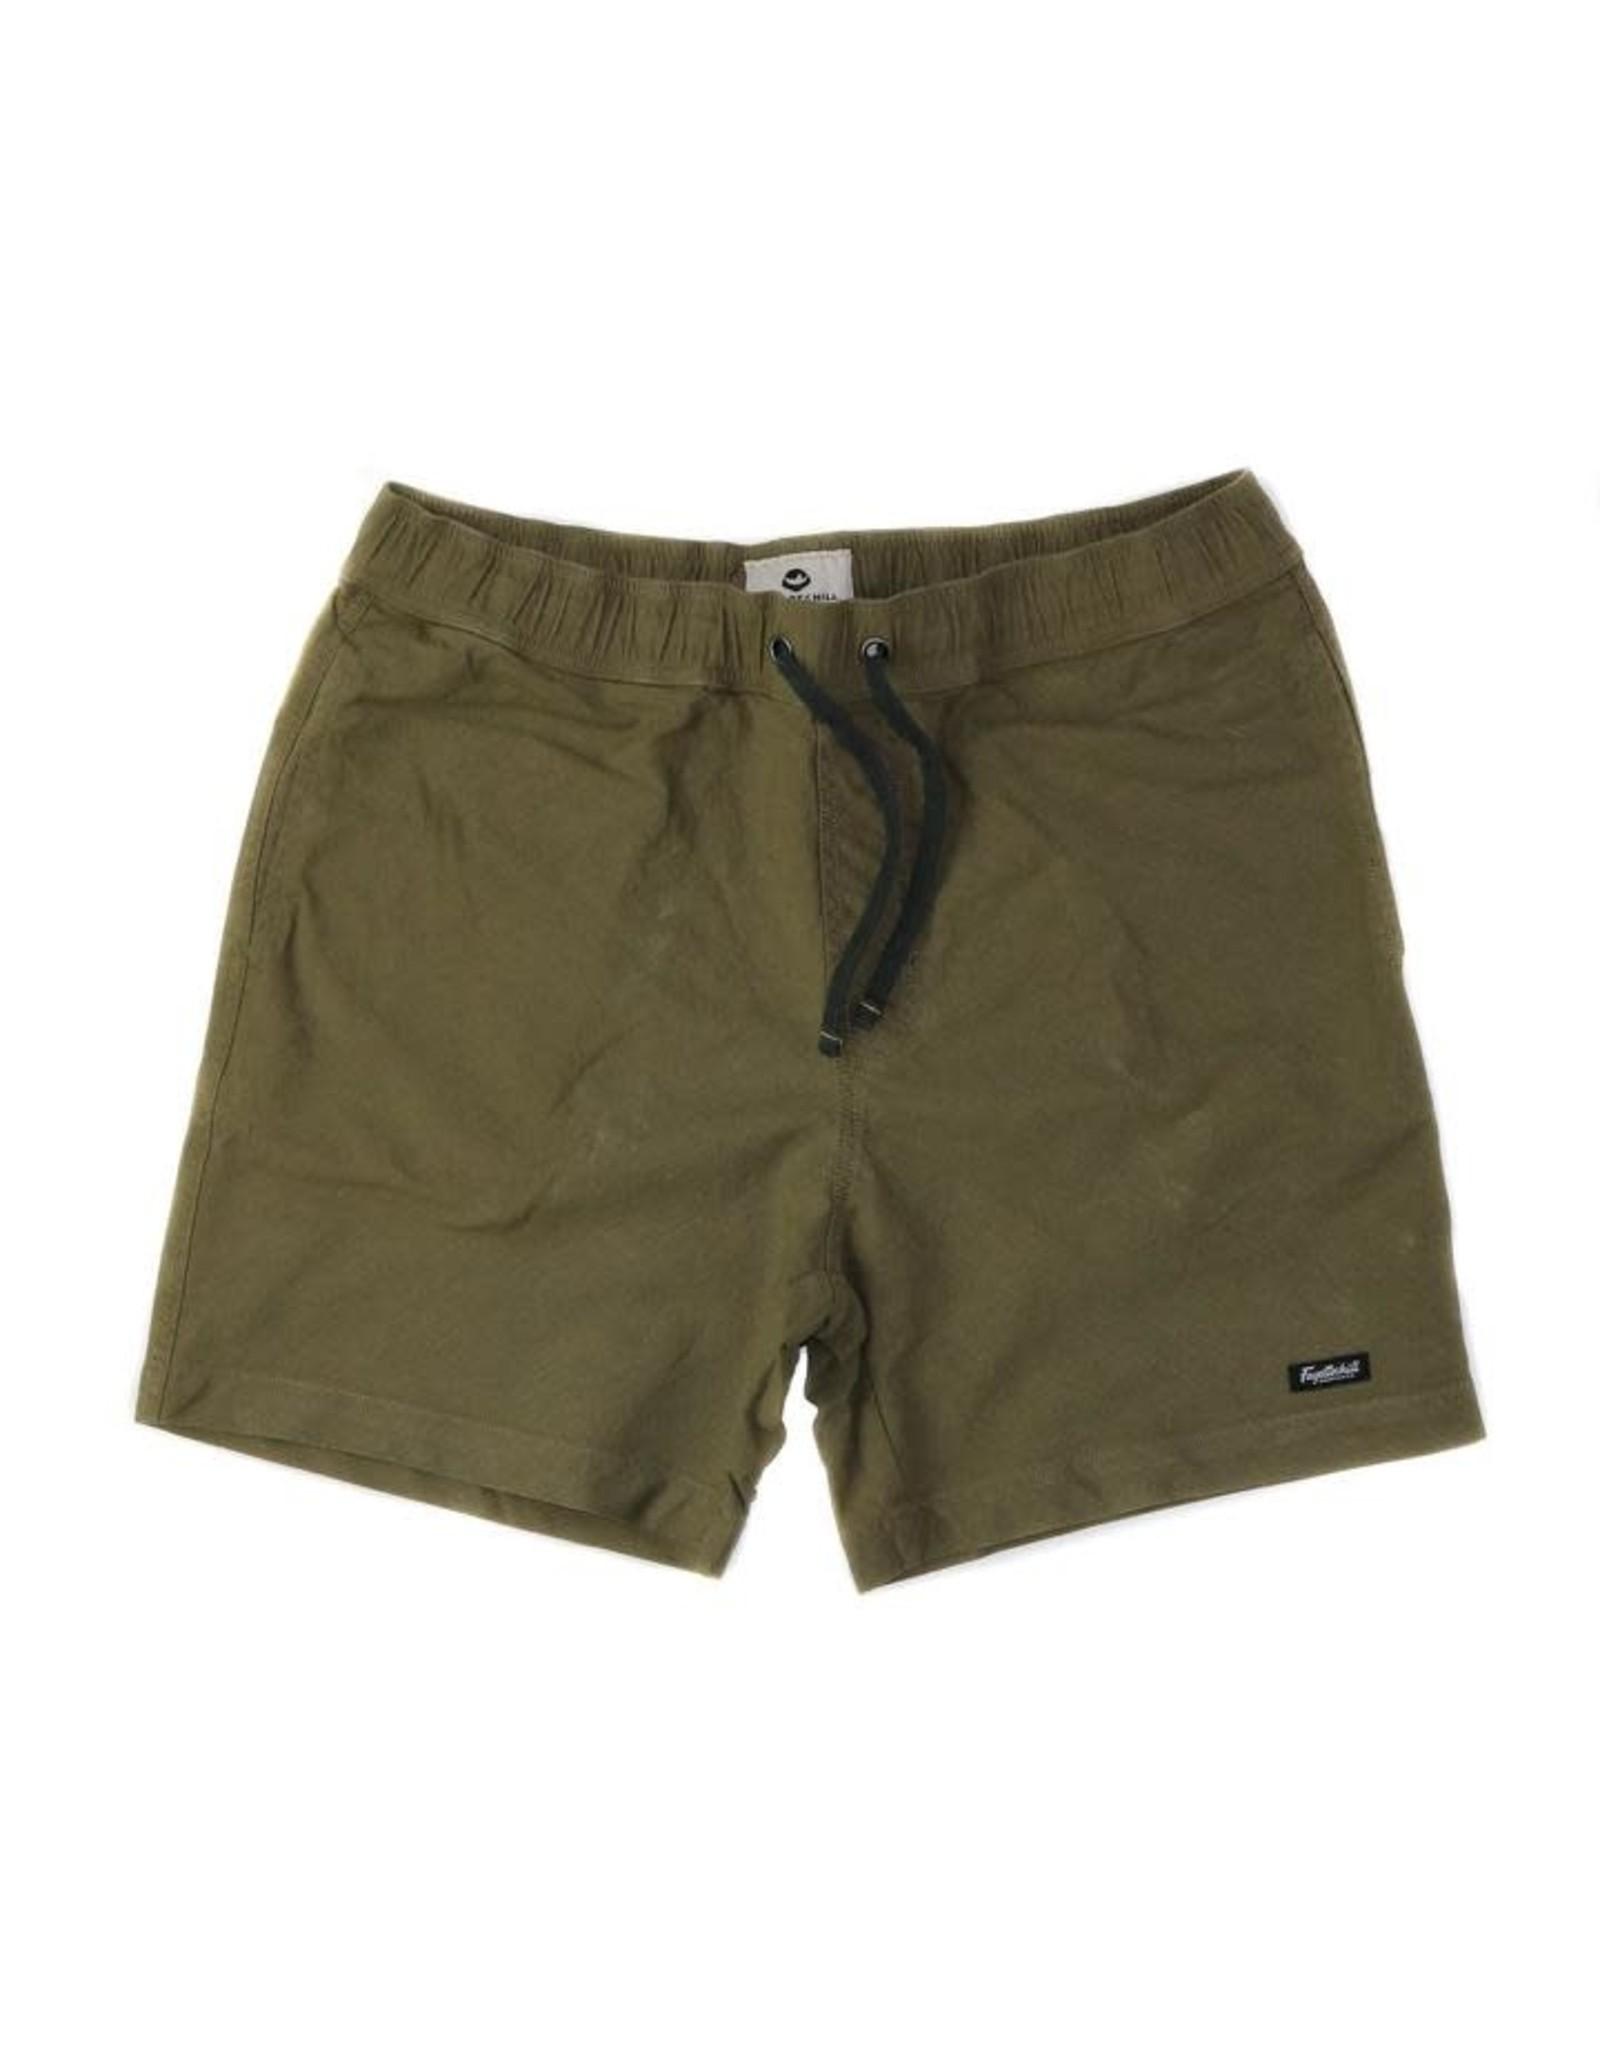 Fayettechill Fayettechill M's Cabana Shorts